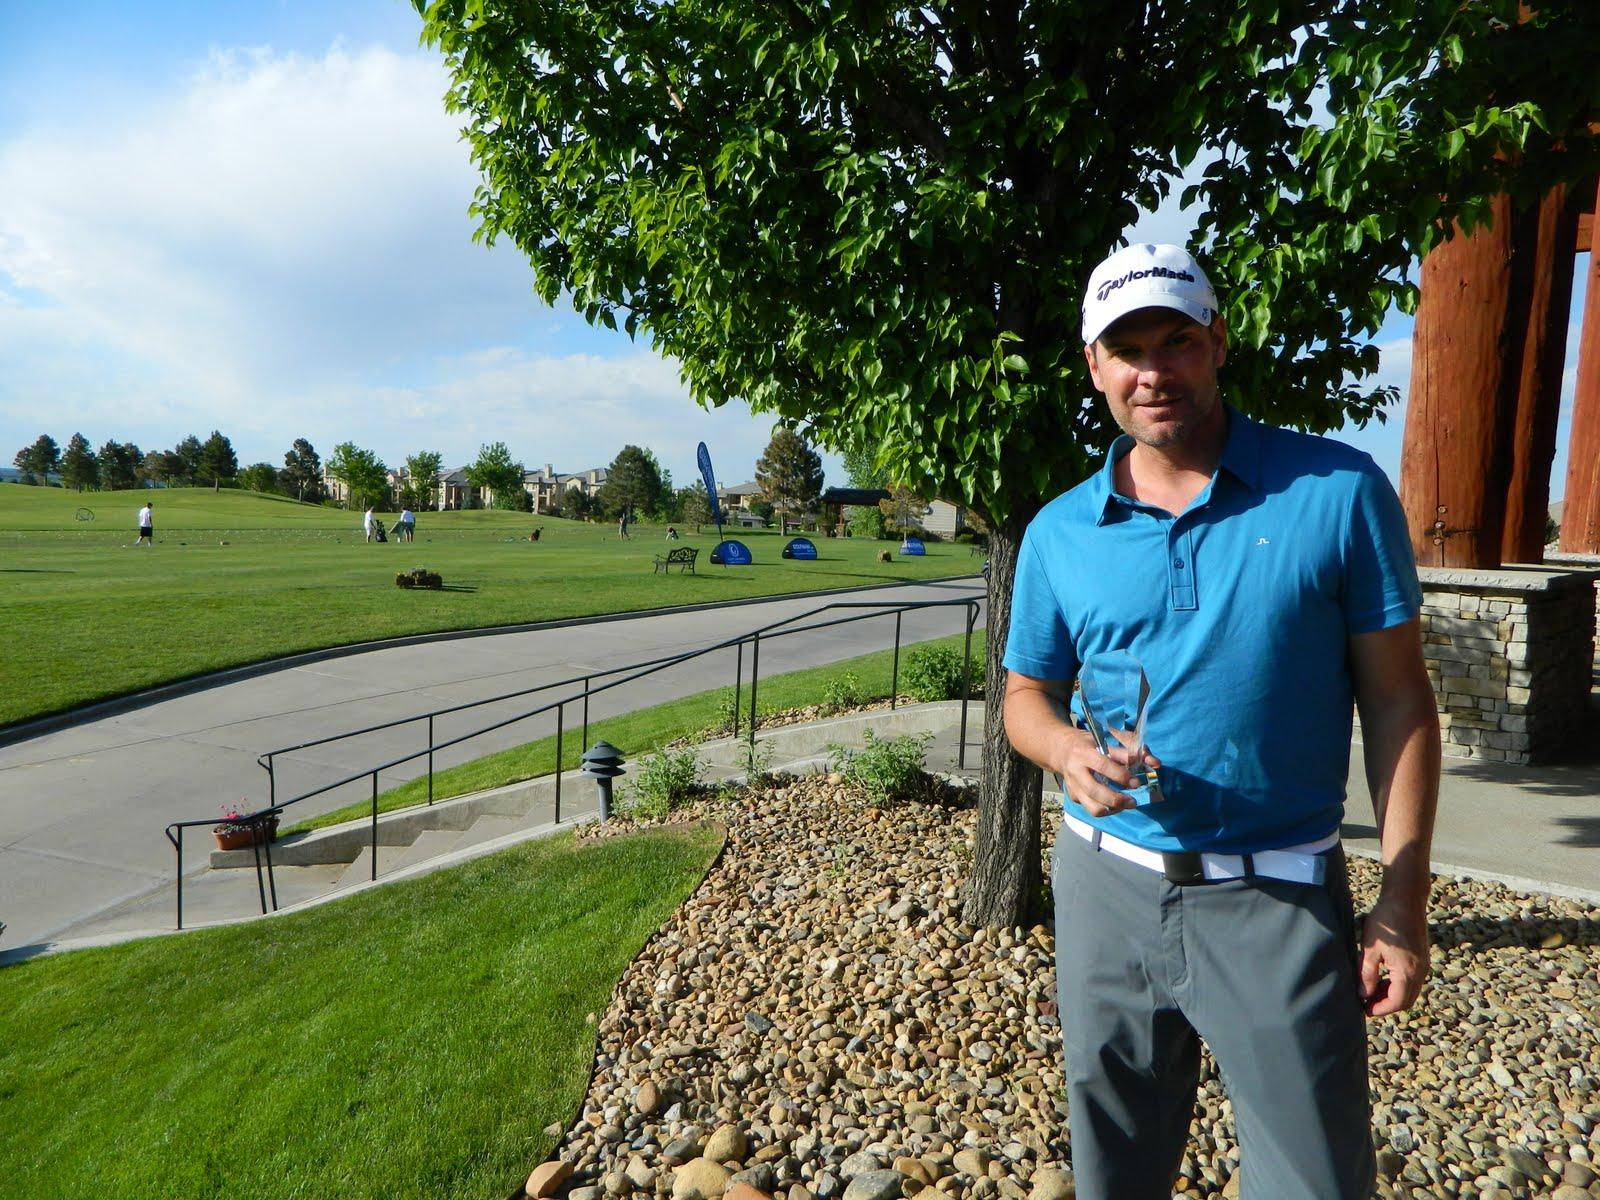 2016 Am Tour National Championship - Golf Channel Am Tour